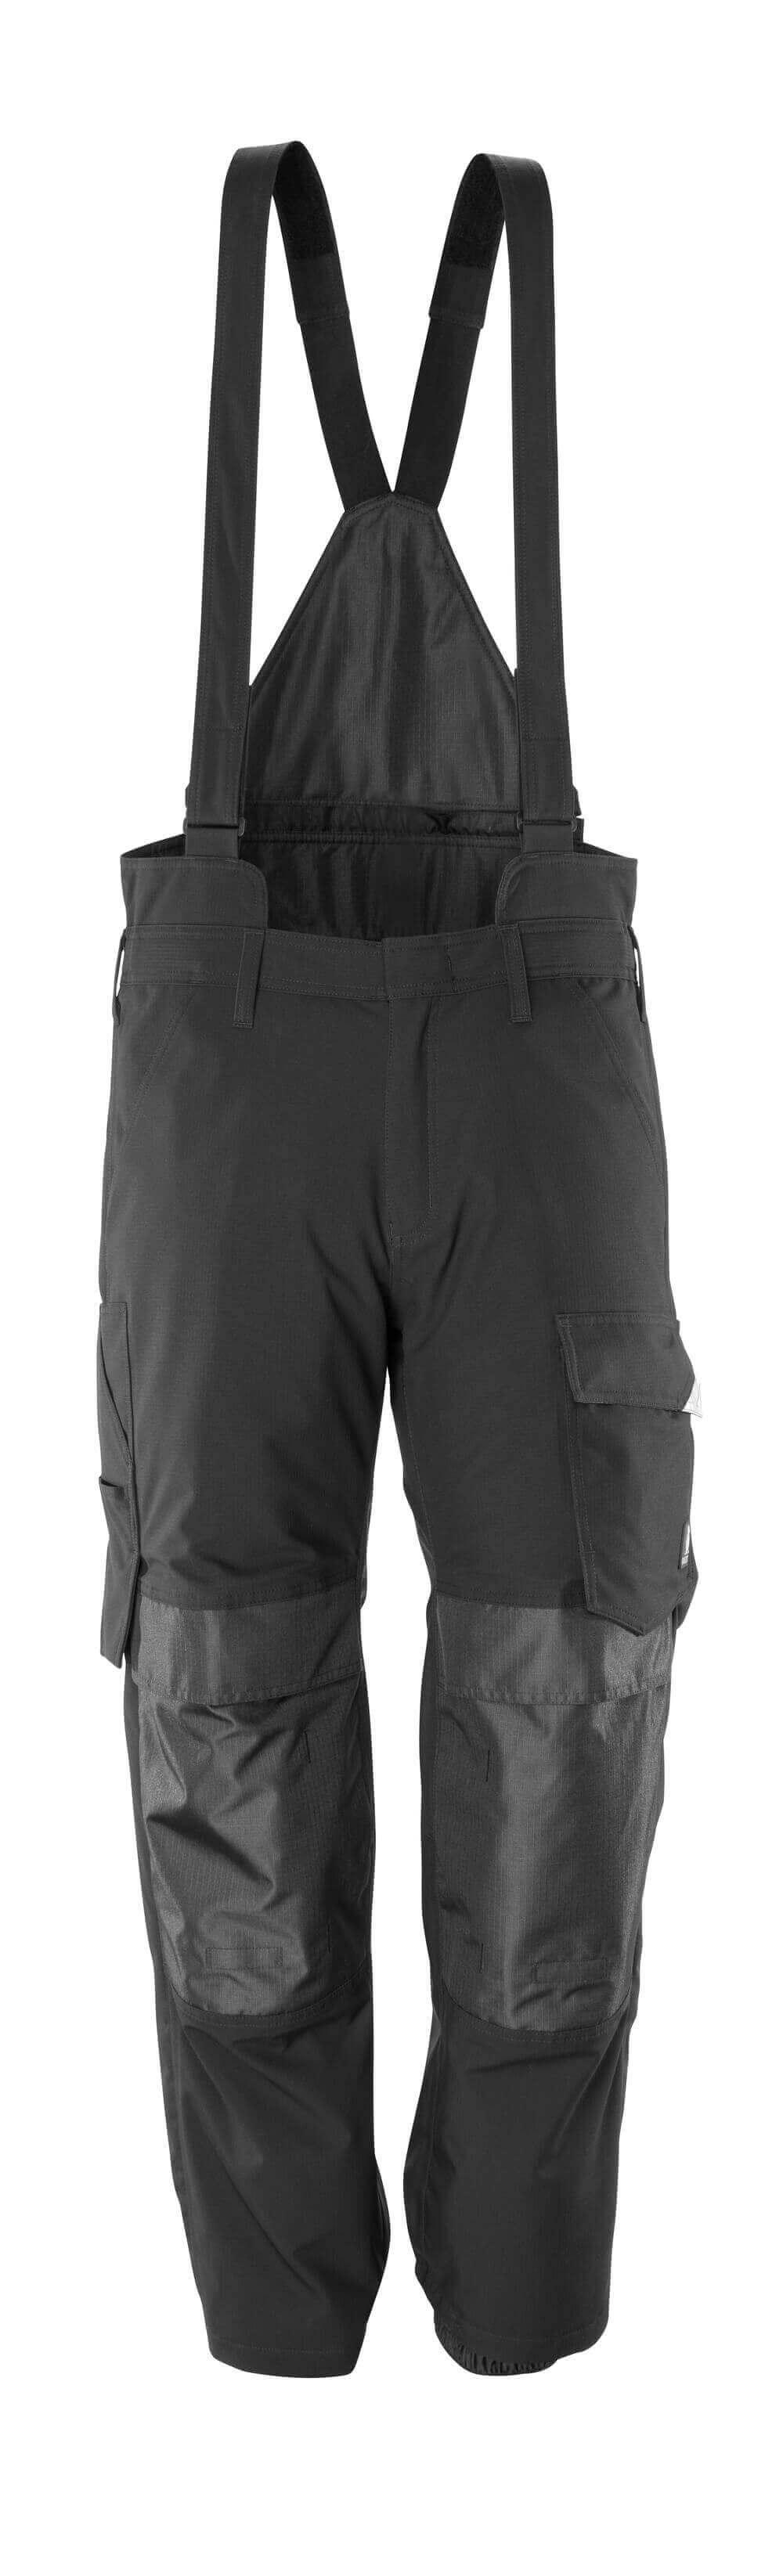 17090-222-09 Sovrapantalone con tasche porta-ginocchiere - nero